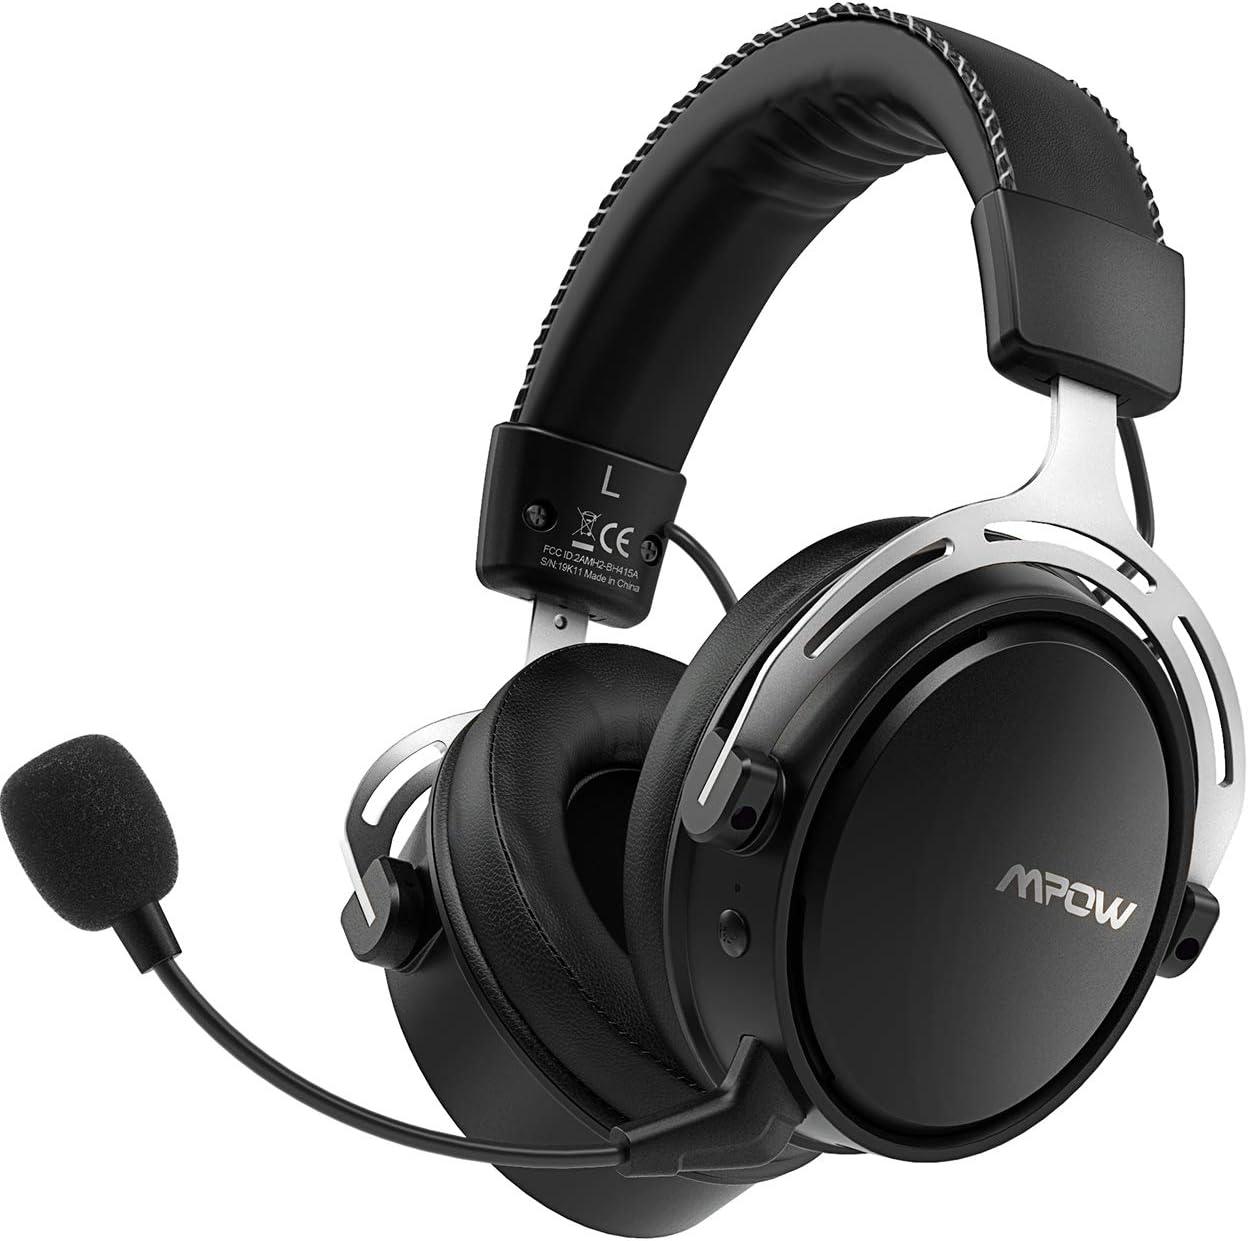 Mpow Air 2.4G Auriculares Gaming para PS4, PC, Xbox One, Estéreo Cascos Inalámbricos para Juegos con Micrófono Desmontable con Cancelación de Ruido,Transmisor USB Incluido - Gris